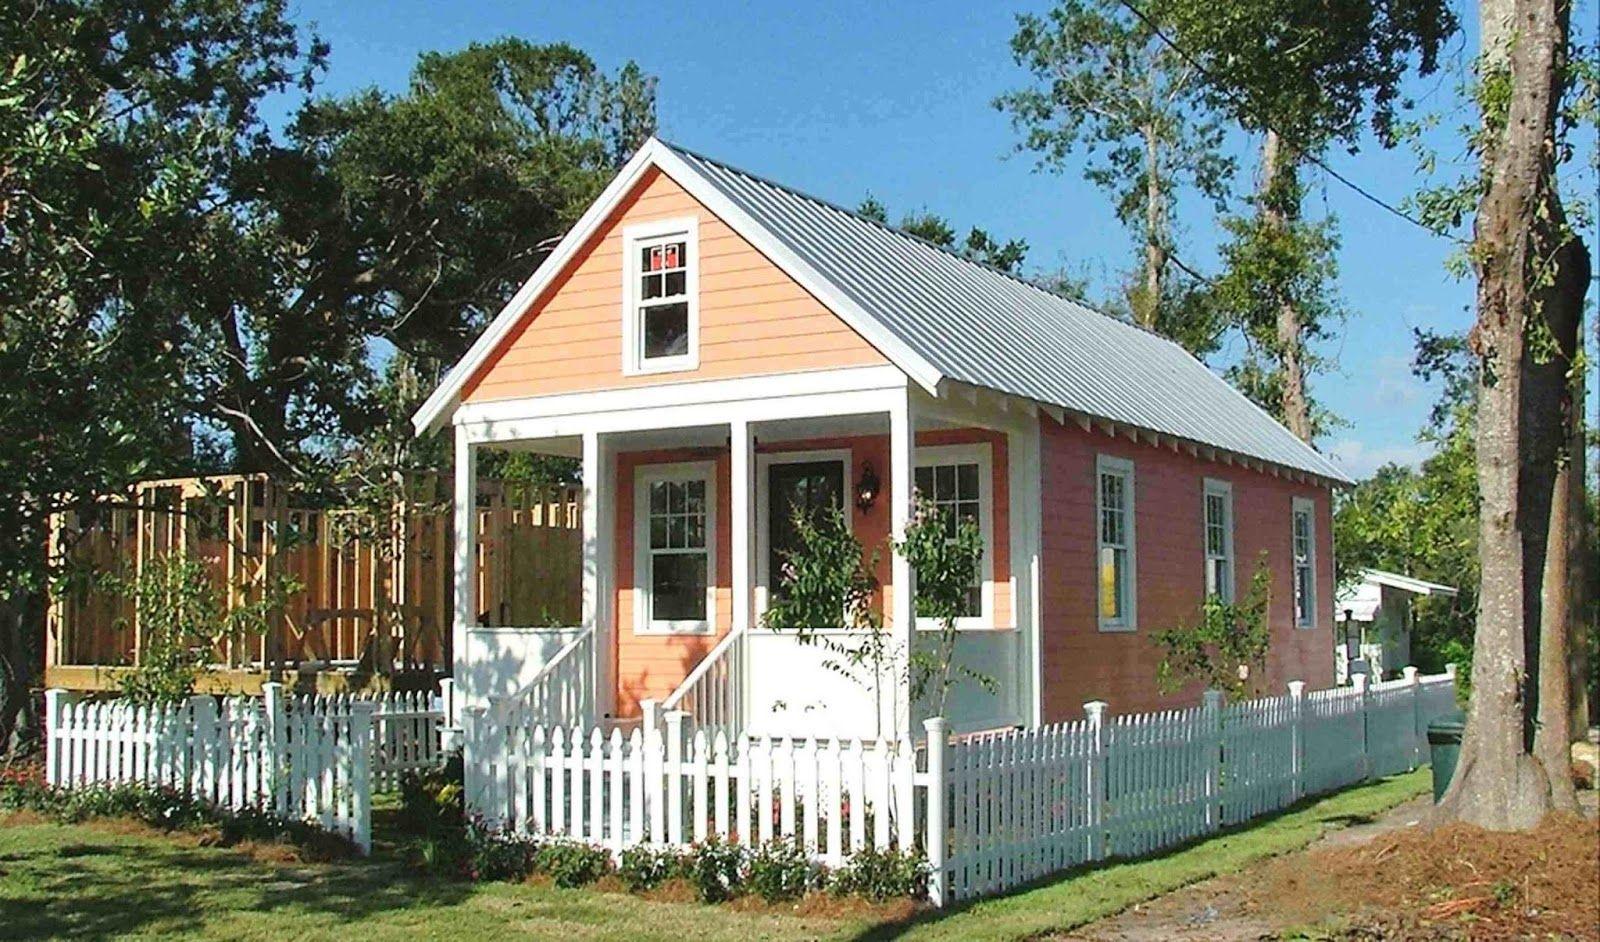 70 Desain Rumah Kayu Minimalis Sederhana Dan Klasik Small House Design Wooden House Design House Outside Design Rumah kayu minimalis sederhana